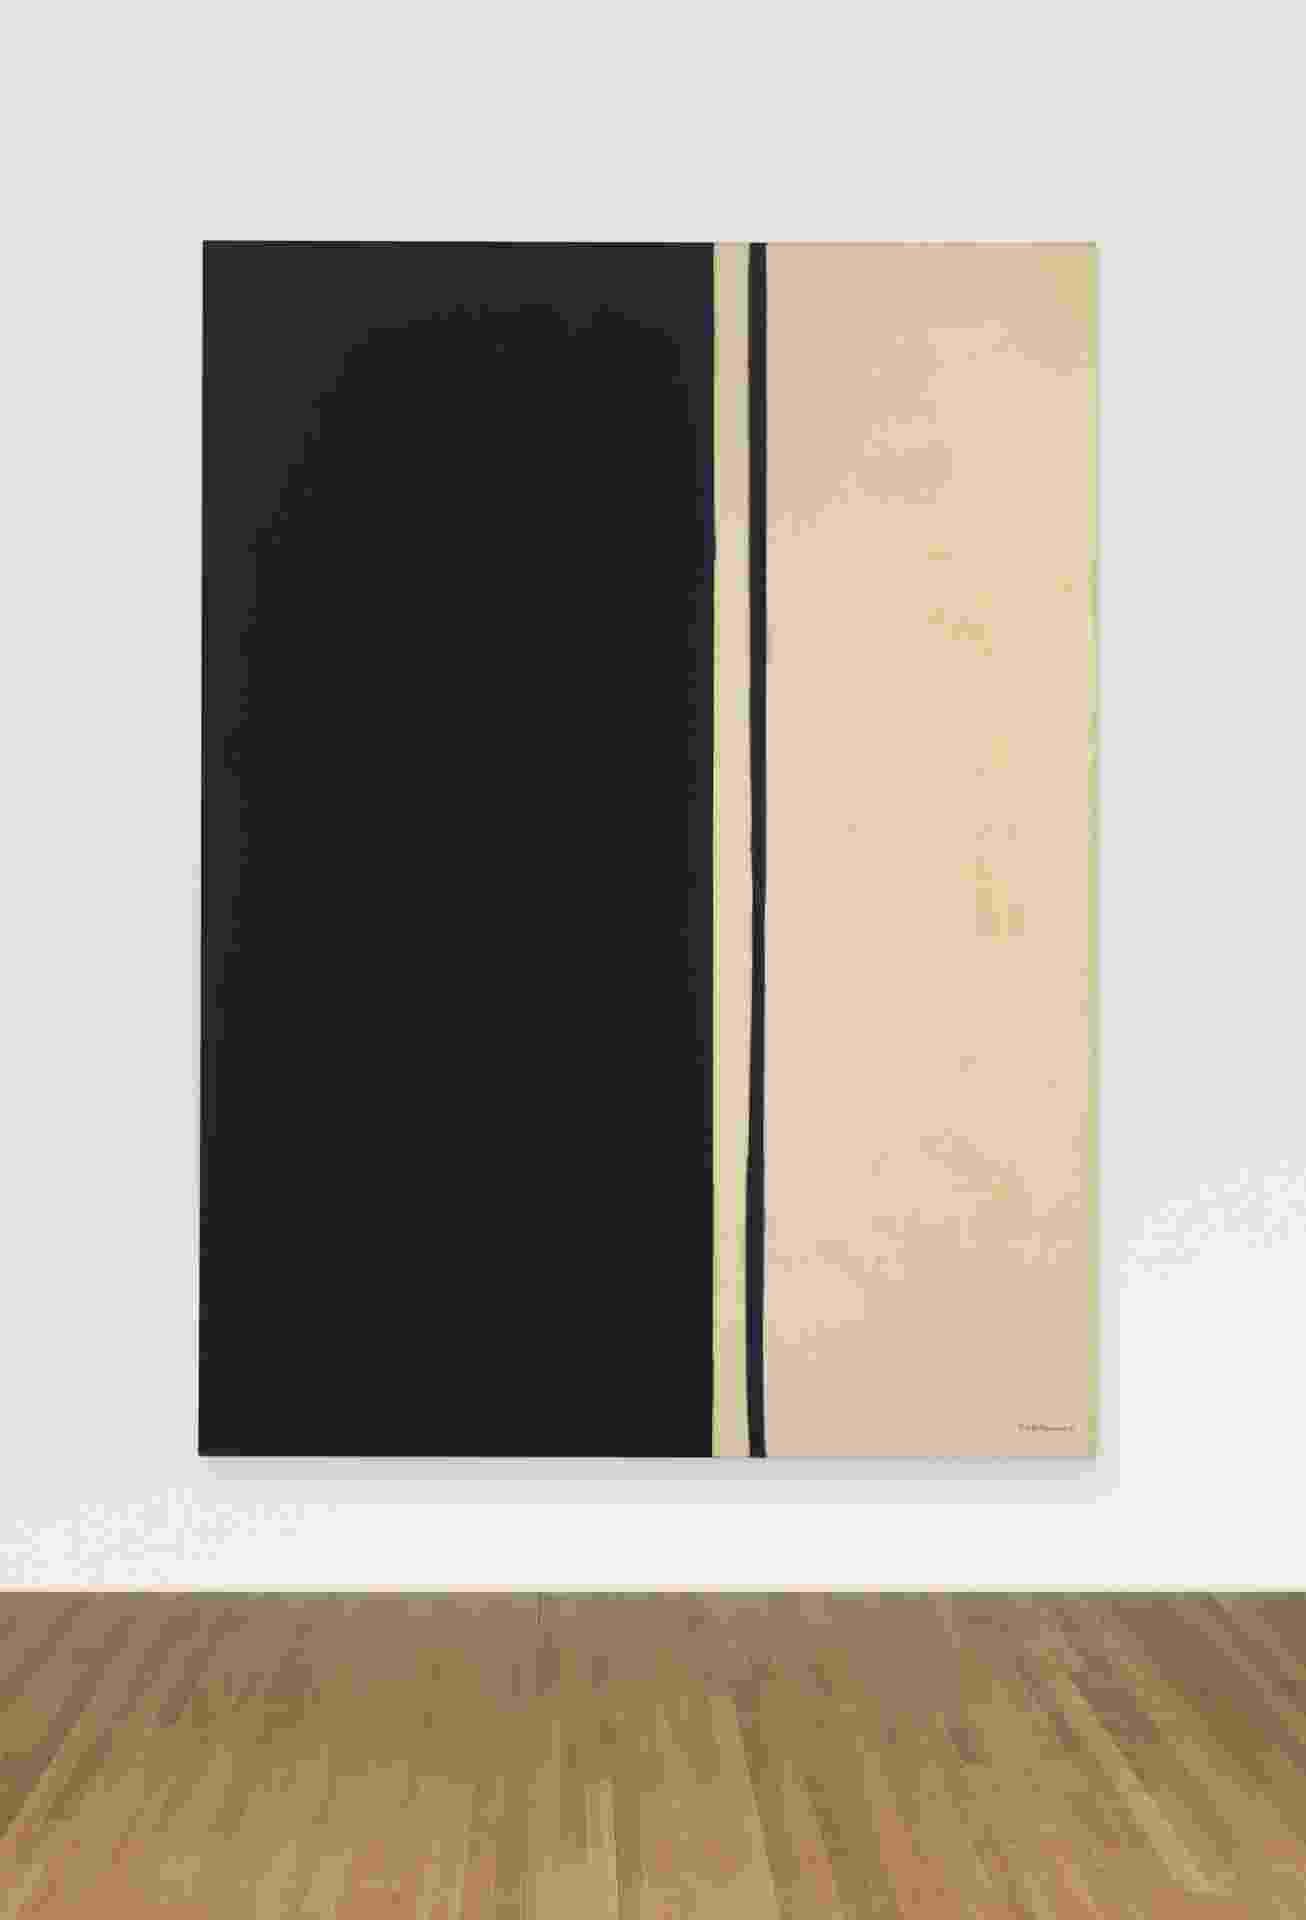 """Obra """"Black Fire I', de Barnett Newman de 1961, fou arremada por US$ 84 milhões - EFE"""